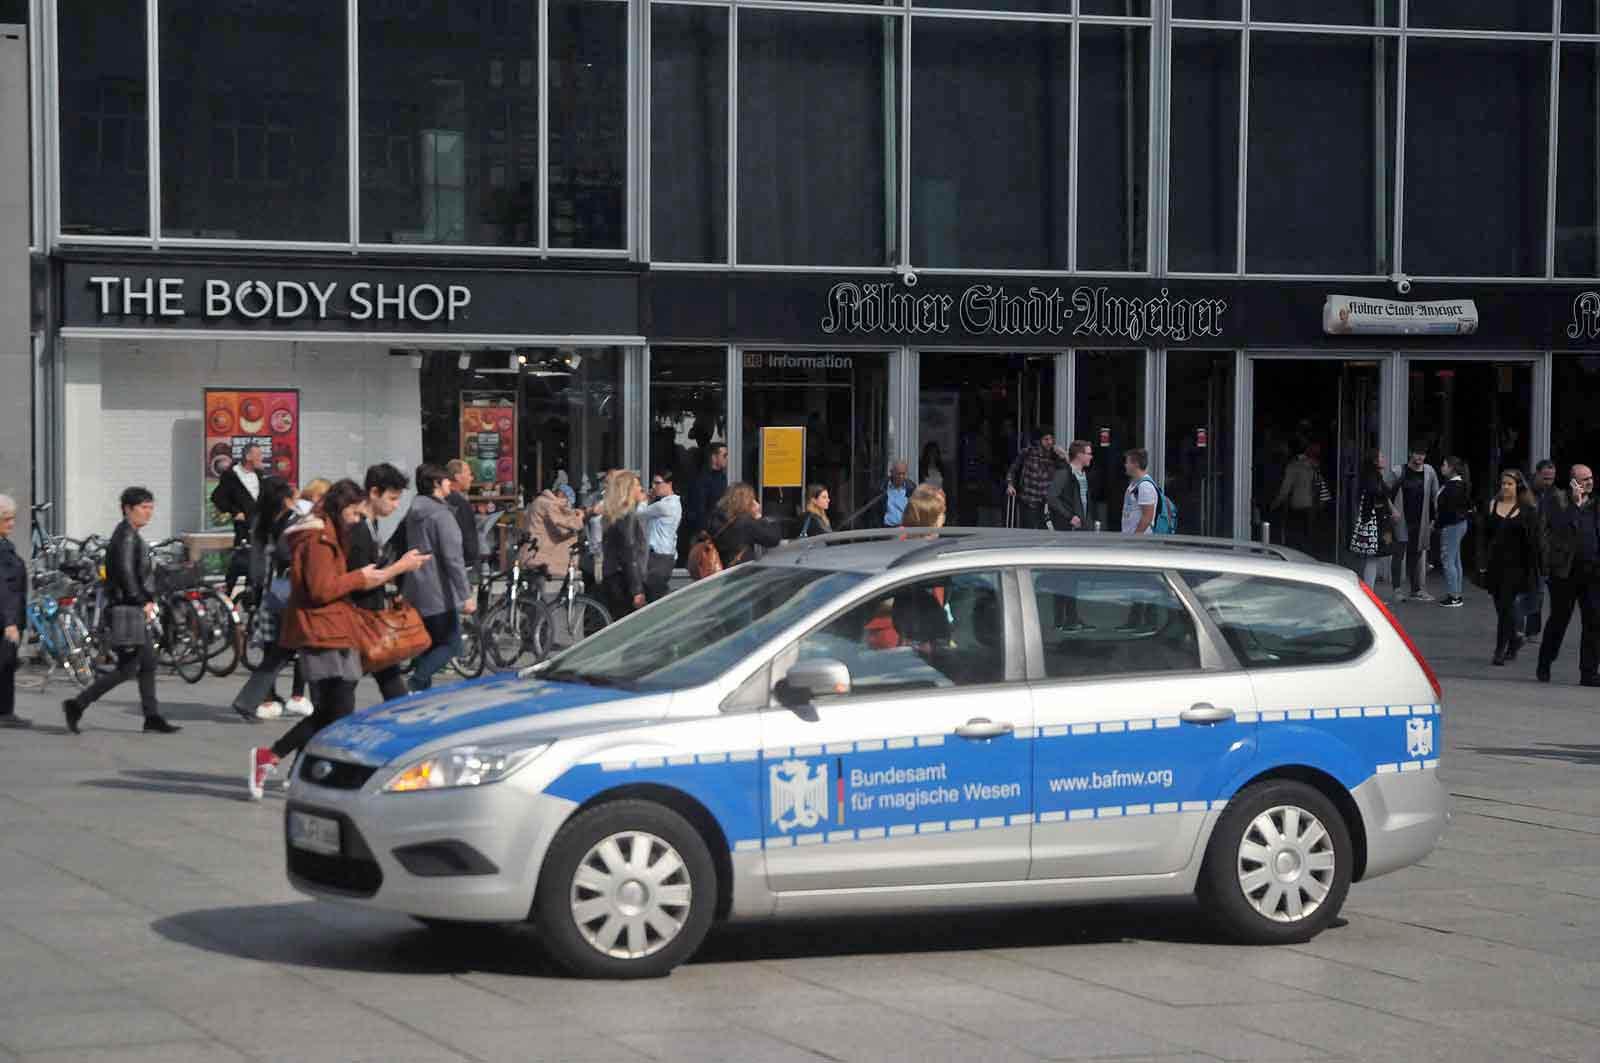 Der leicht identifizierbare BAfmW-Dienstwaen bei der Gegen-Demo für Alle. (Foto: Bundesamt für magische Wesen)